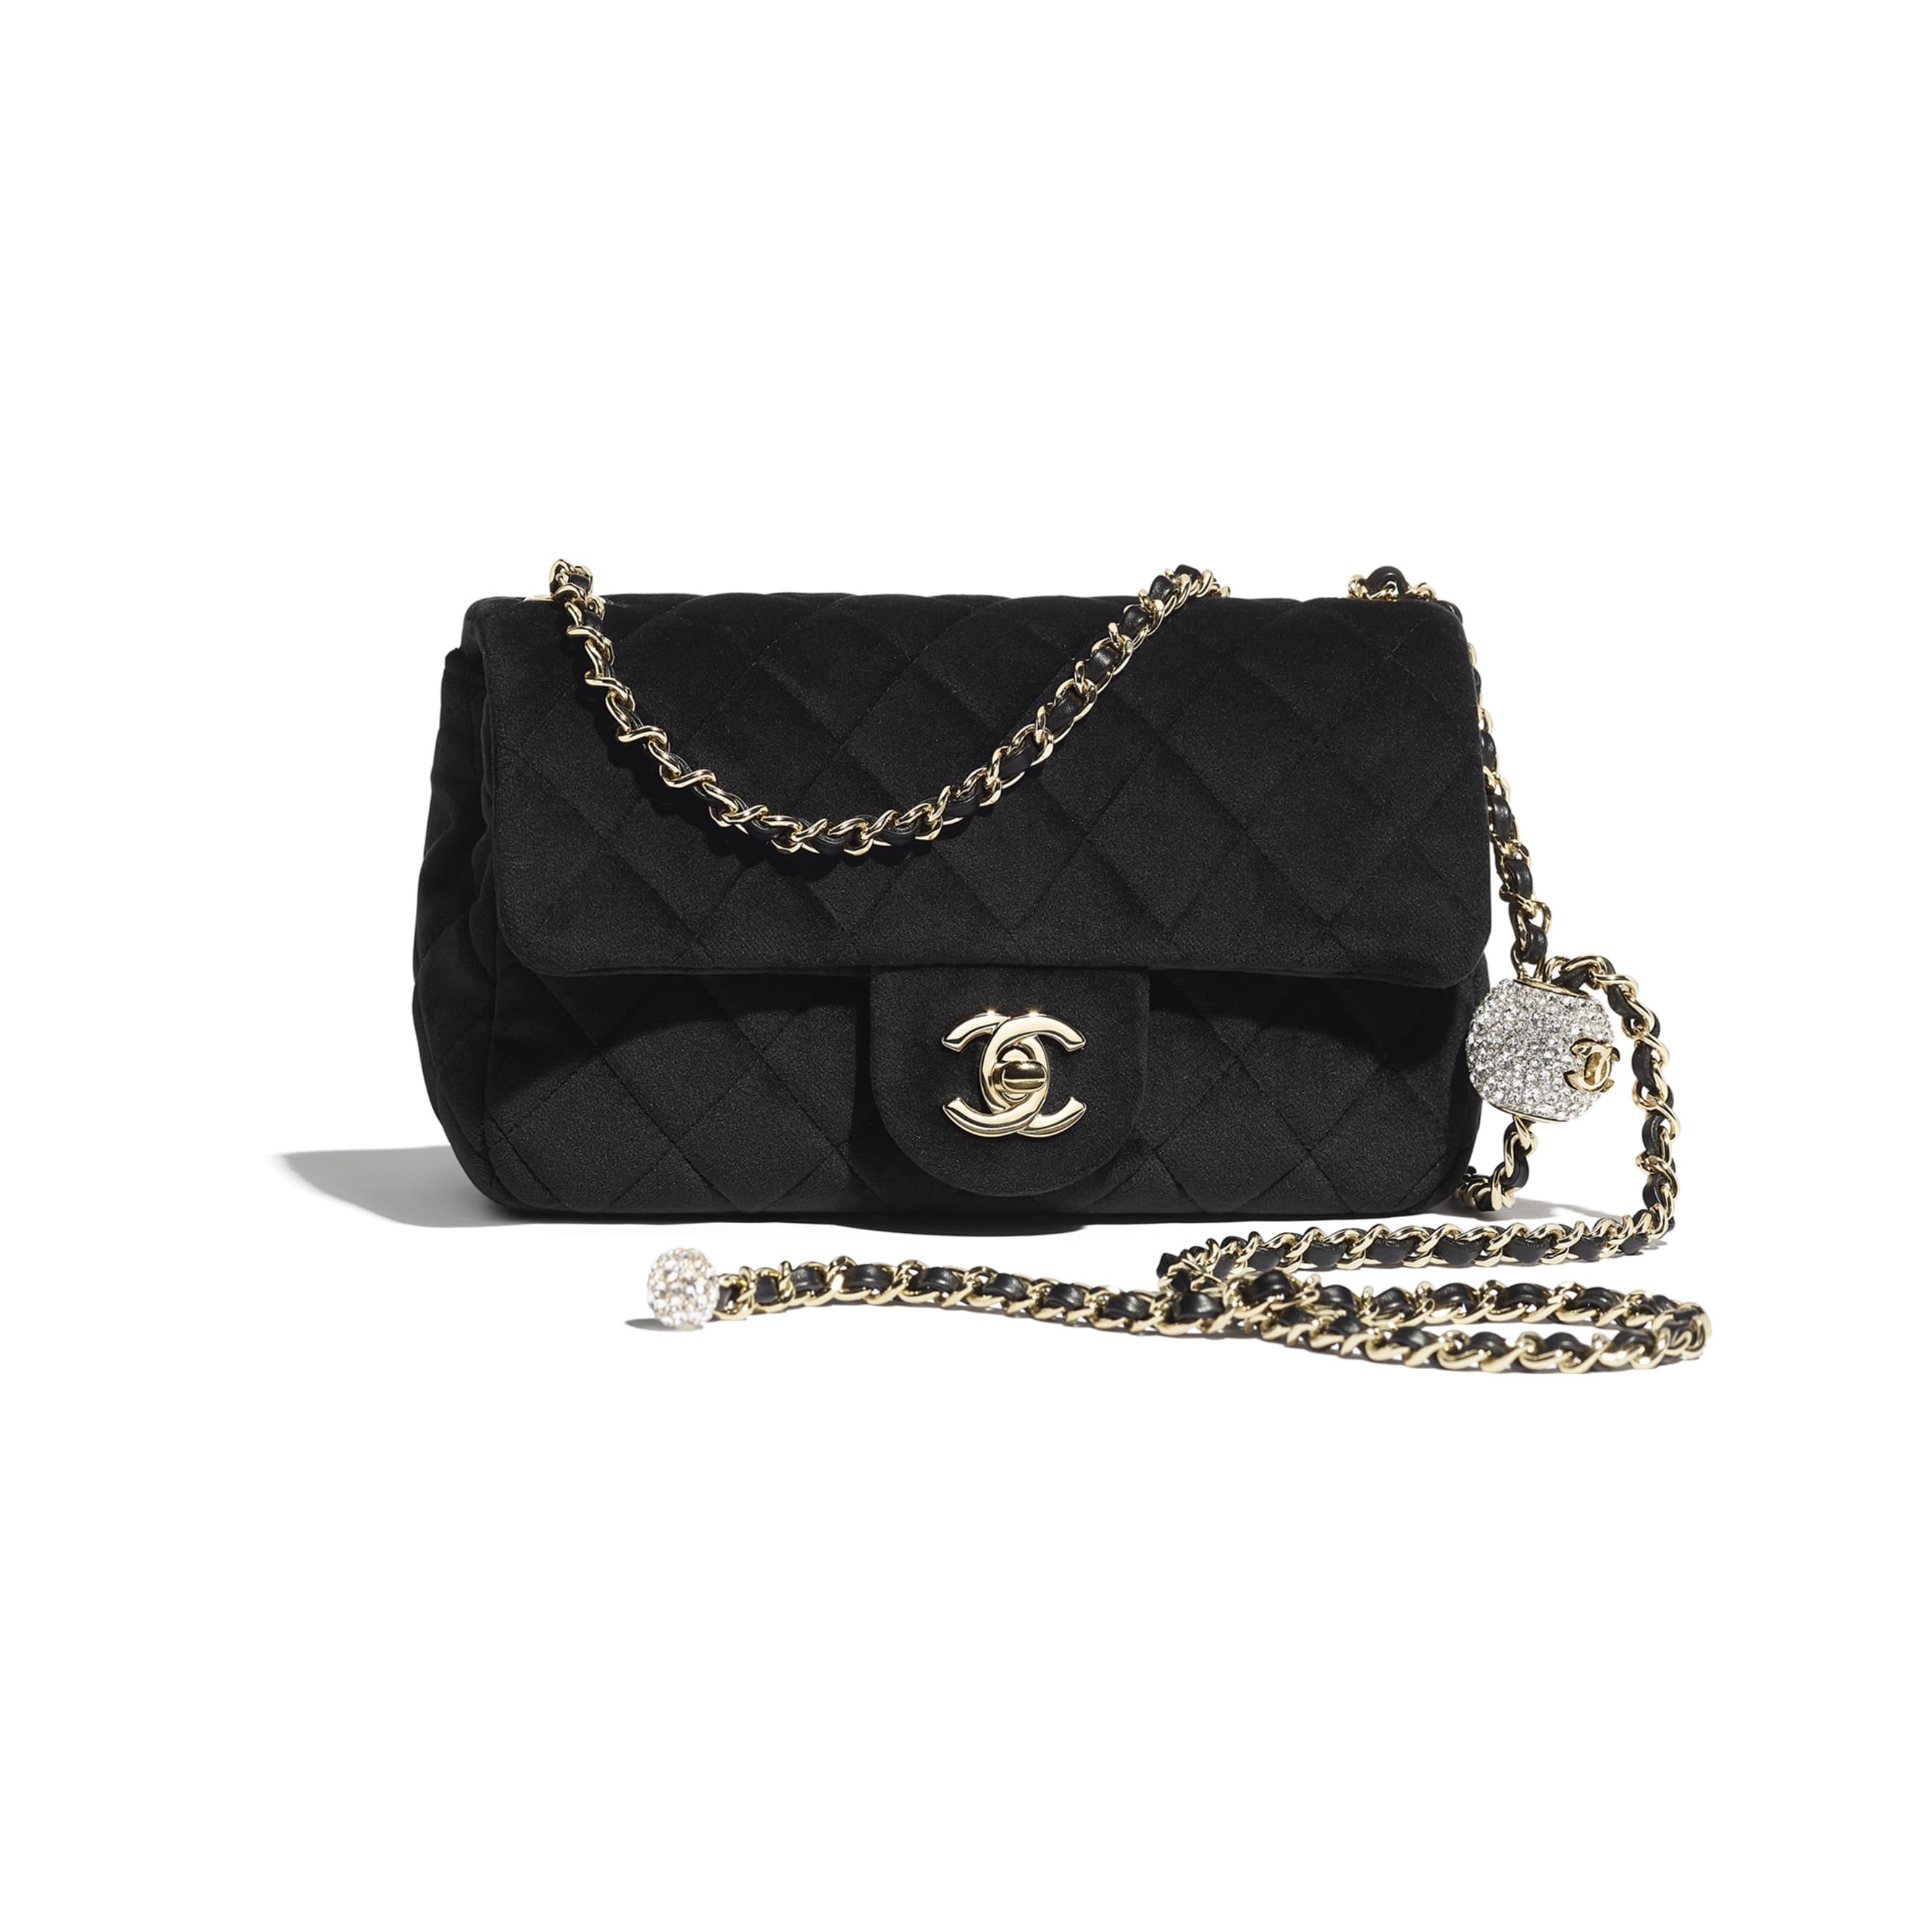 Flap Bag - Black - Velvet, Diamanté & Gold-Tone Metal - CHANEL - Default view - see standard sized version